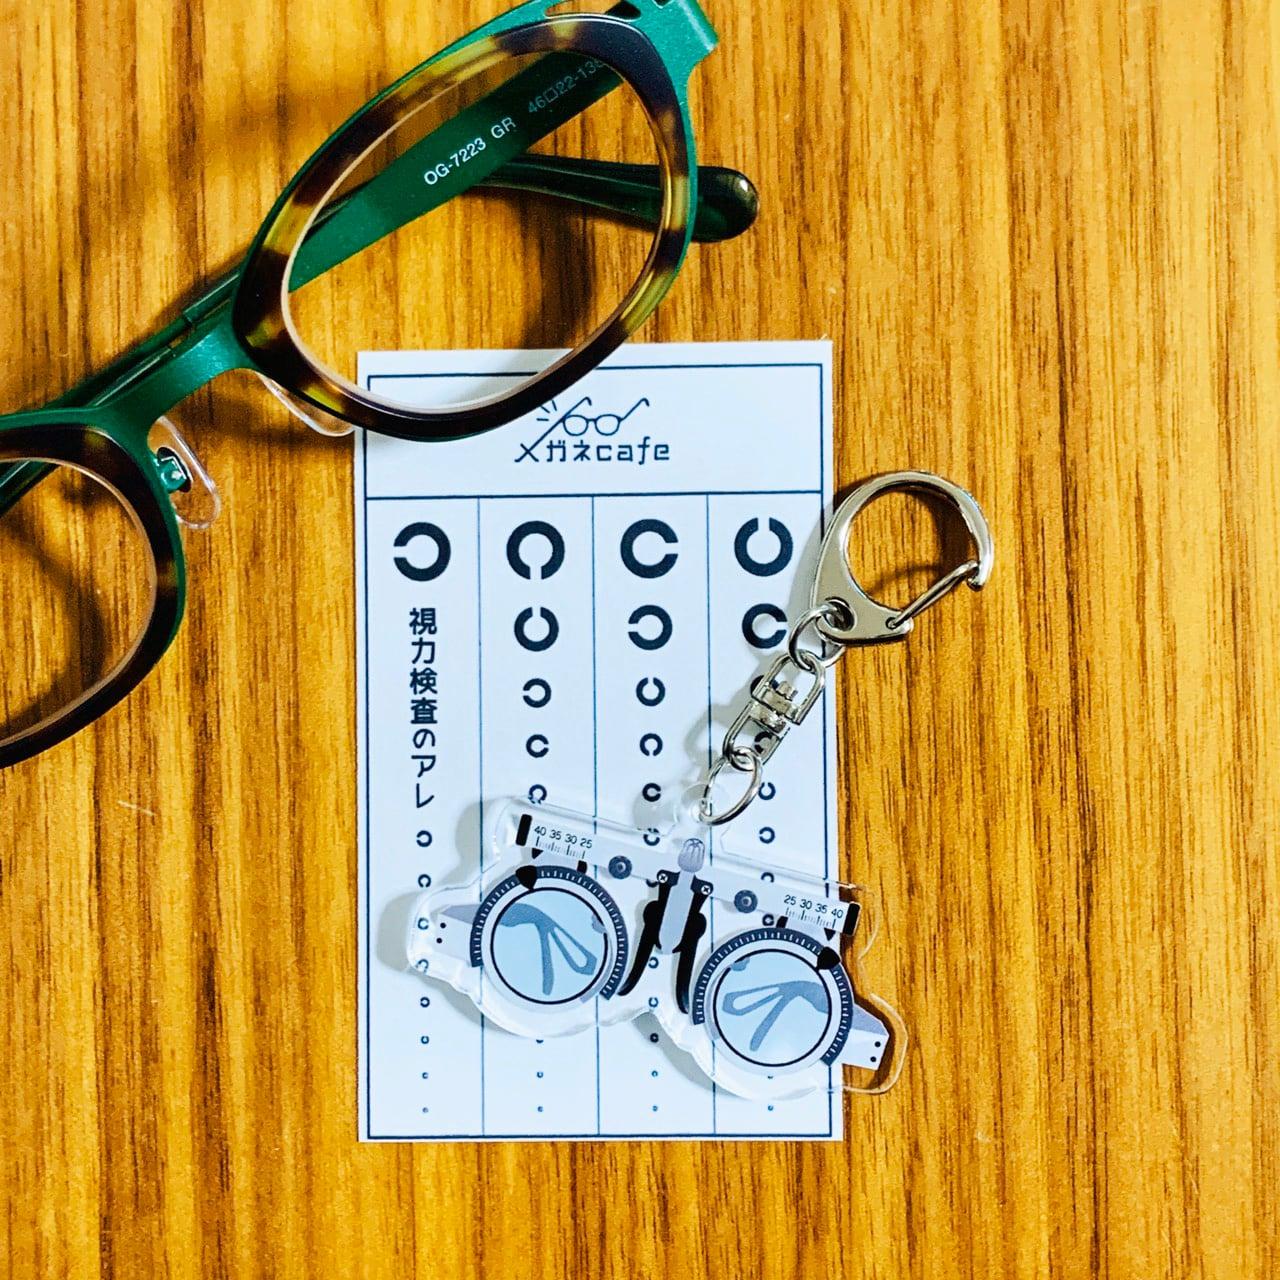 「視力検査のアレ」検眼枠キーホルダー